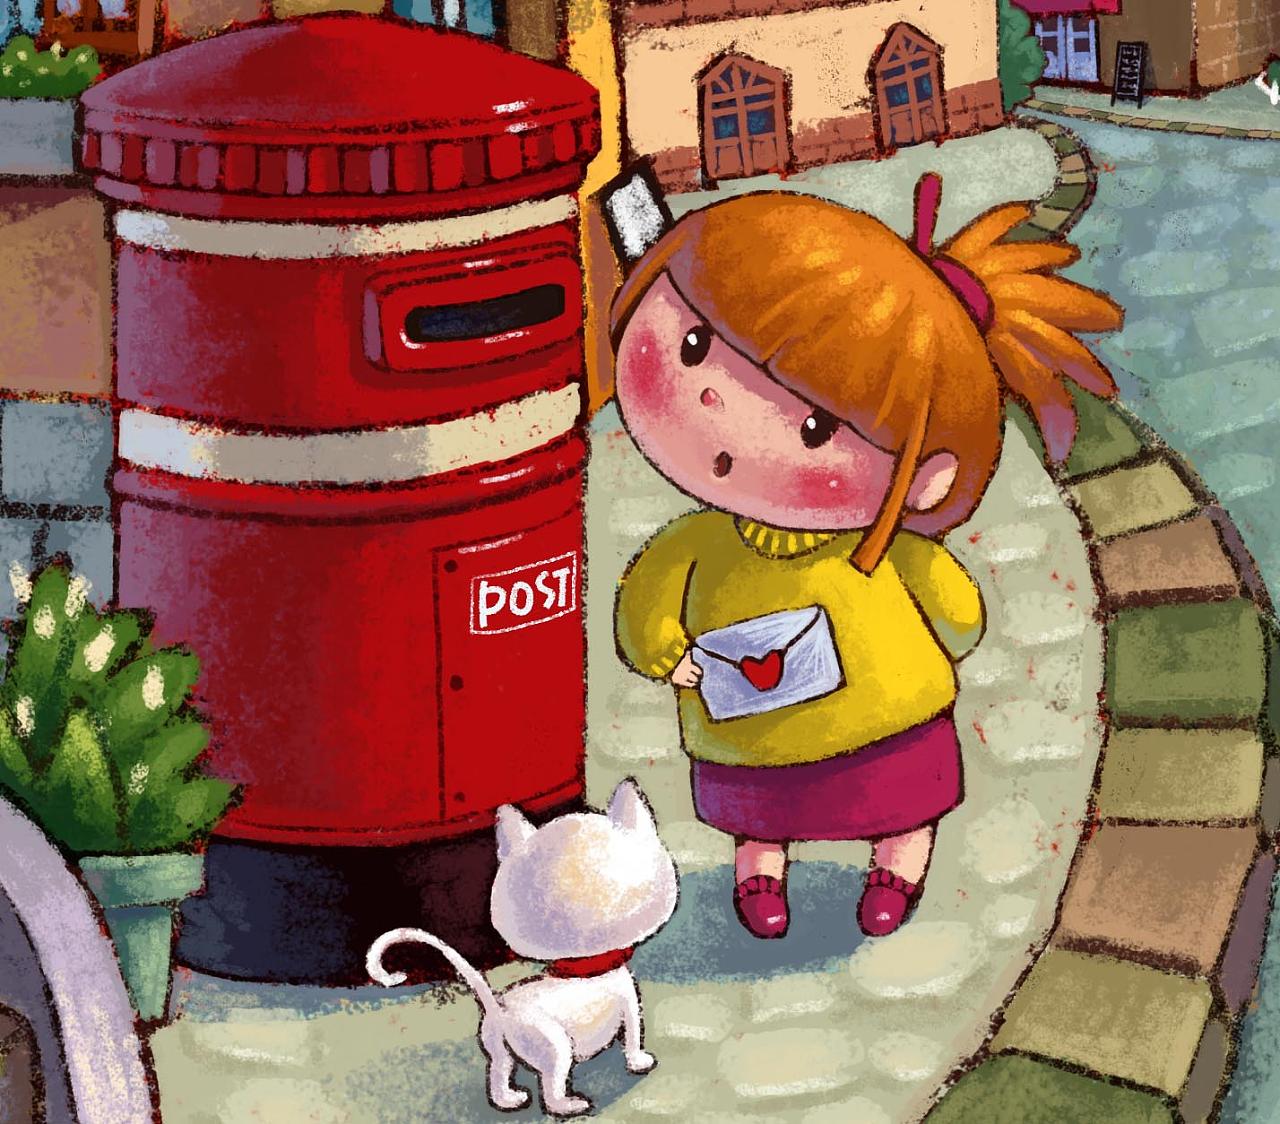 (娃他妈)手绘街景插画|插画|儿童插画|娃他妈 - 原创图片